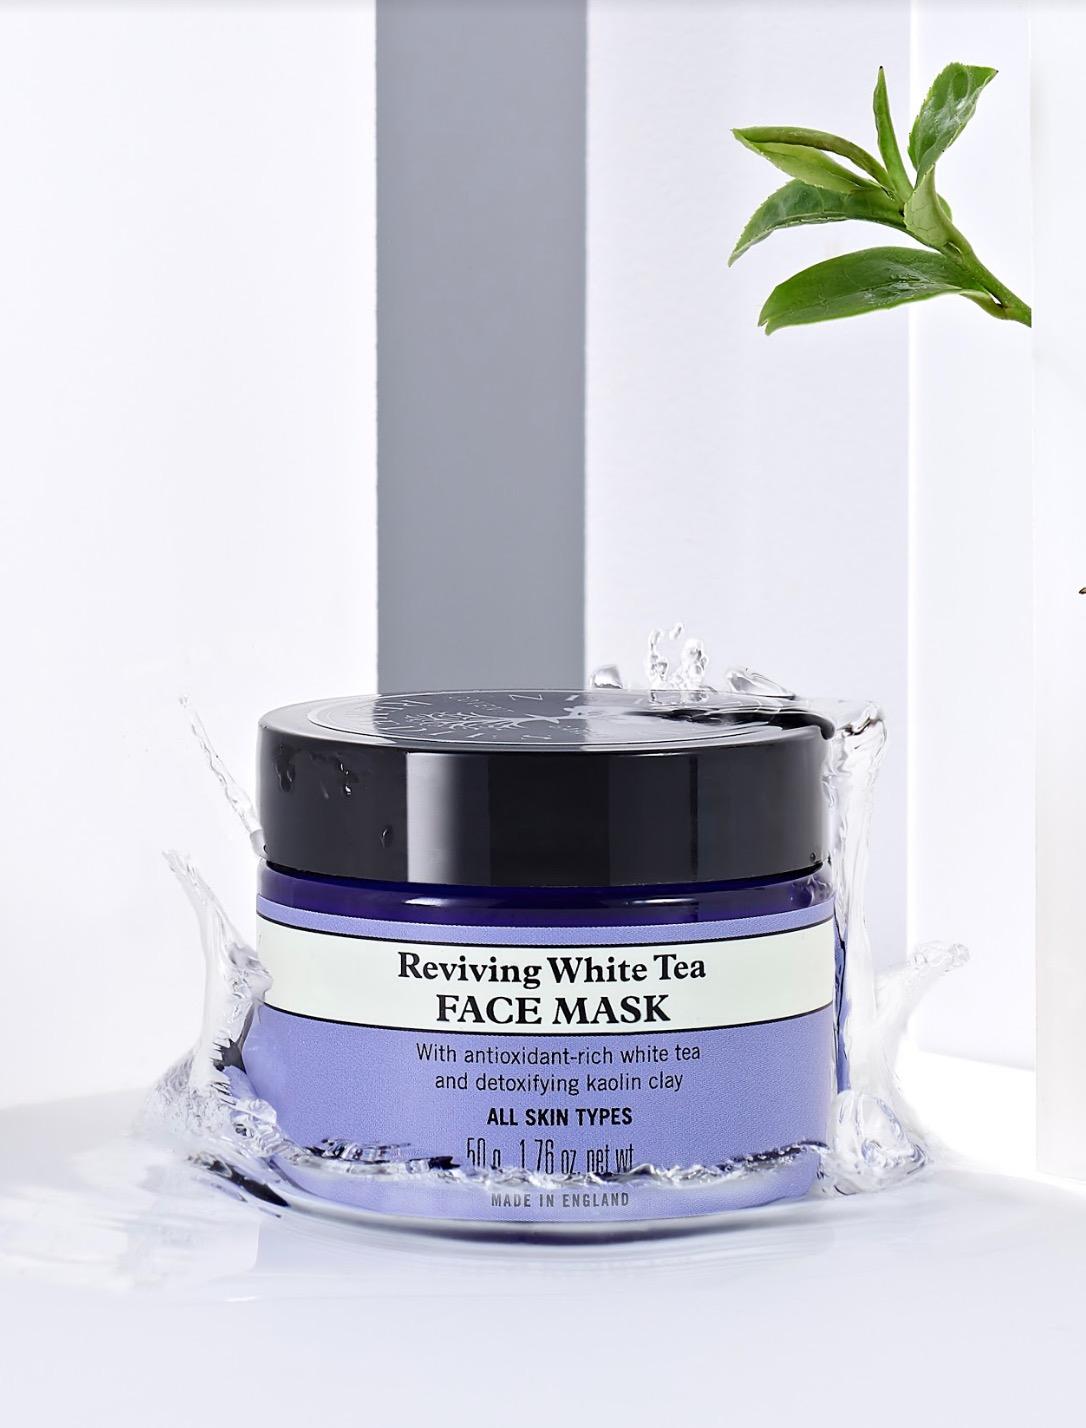 適合所有膚質以及皮膚對於環境刺激較為敏感的使用者。具良好潔淨與滋養效果,幫助肌膚維持高度滋潤,保持彈性同時減少細紋。添加白茶、乳香,與淨化肌膚的高嶺土純淨成份,高度抗氧化並深度淨化肌膚、提升肌膚防禦力。